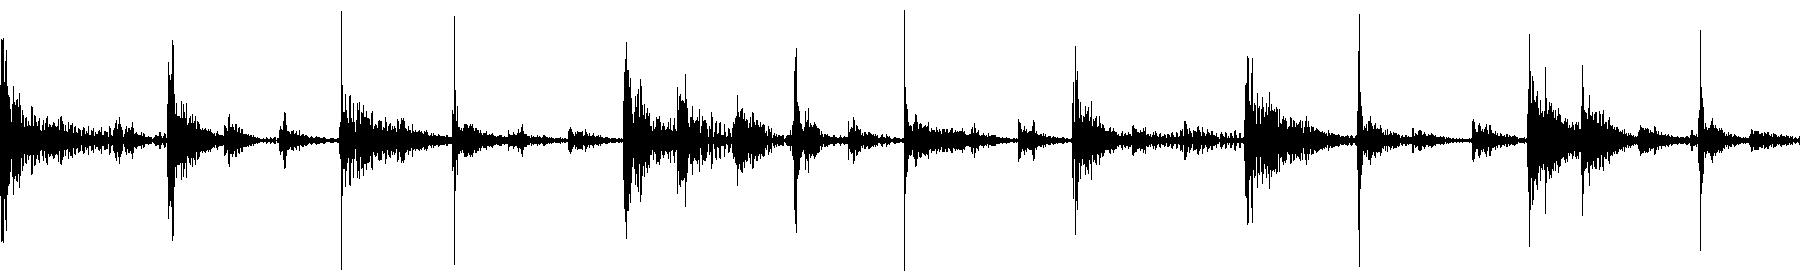 blbc electrodrums fx 130 02